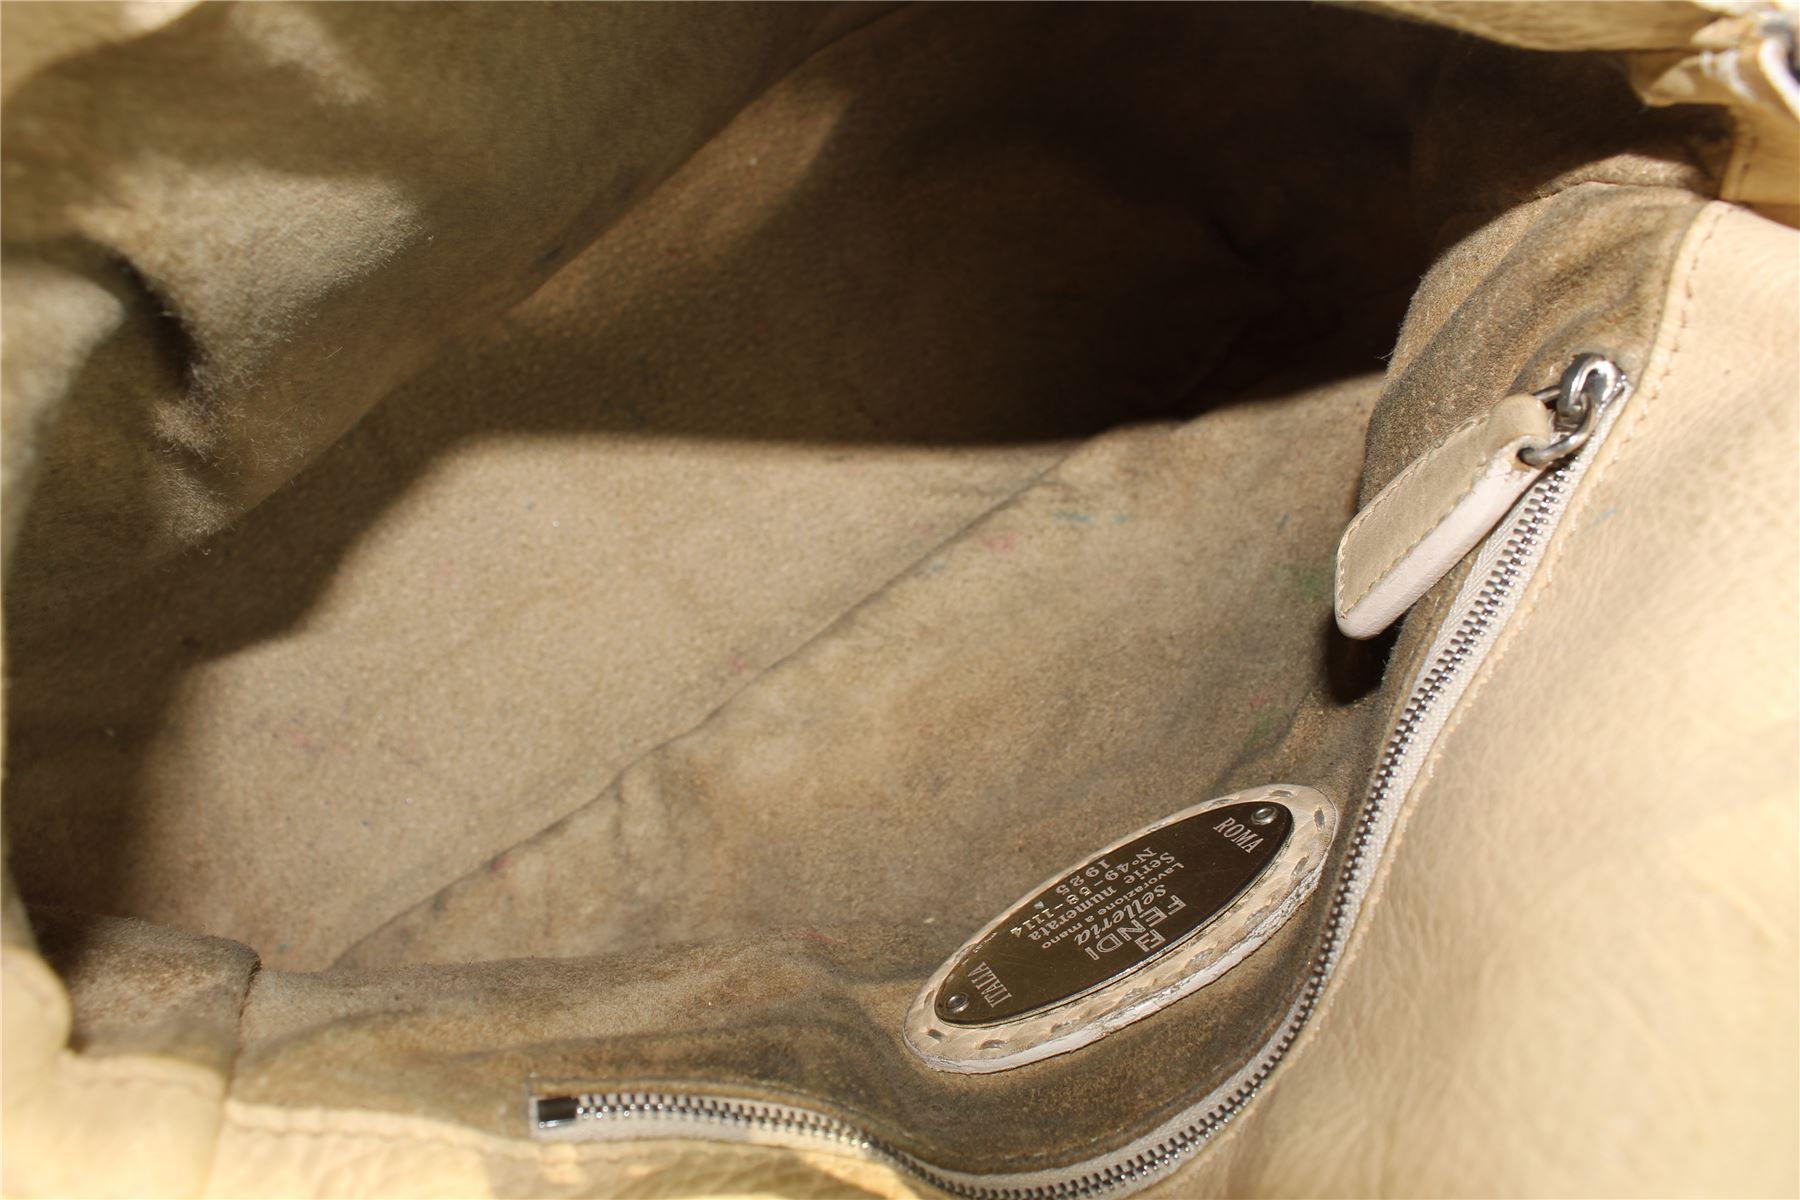 daee12e5e8 FENDI Selleria Baguette Borsa a tracolla in pelle, 7.5